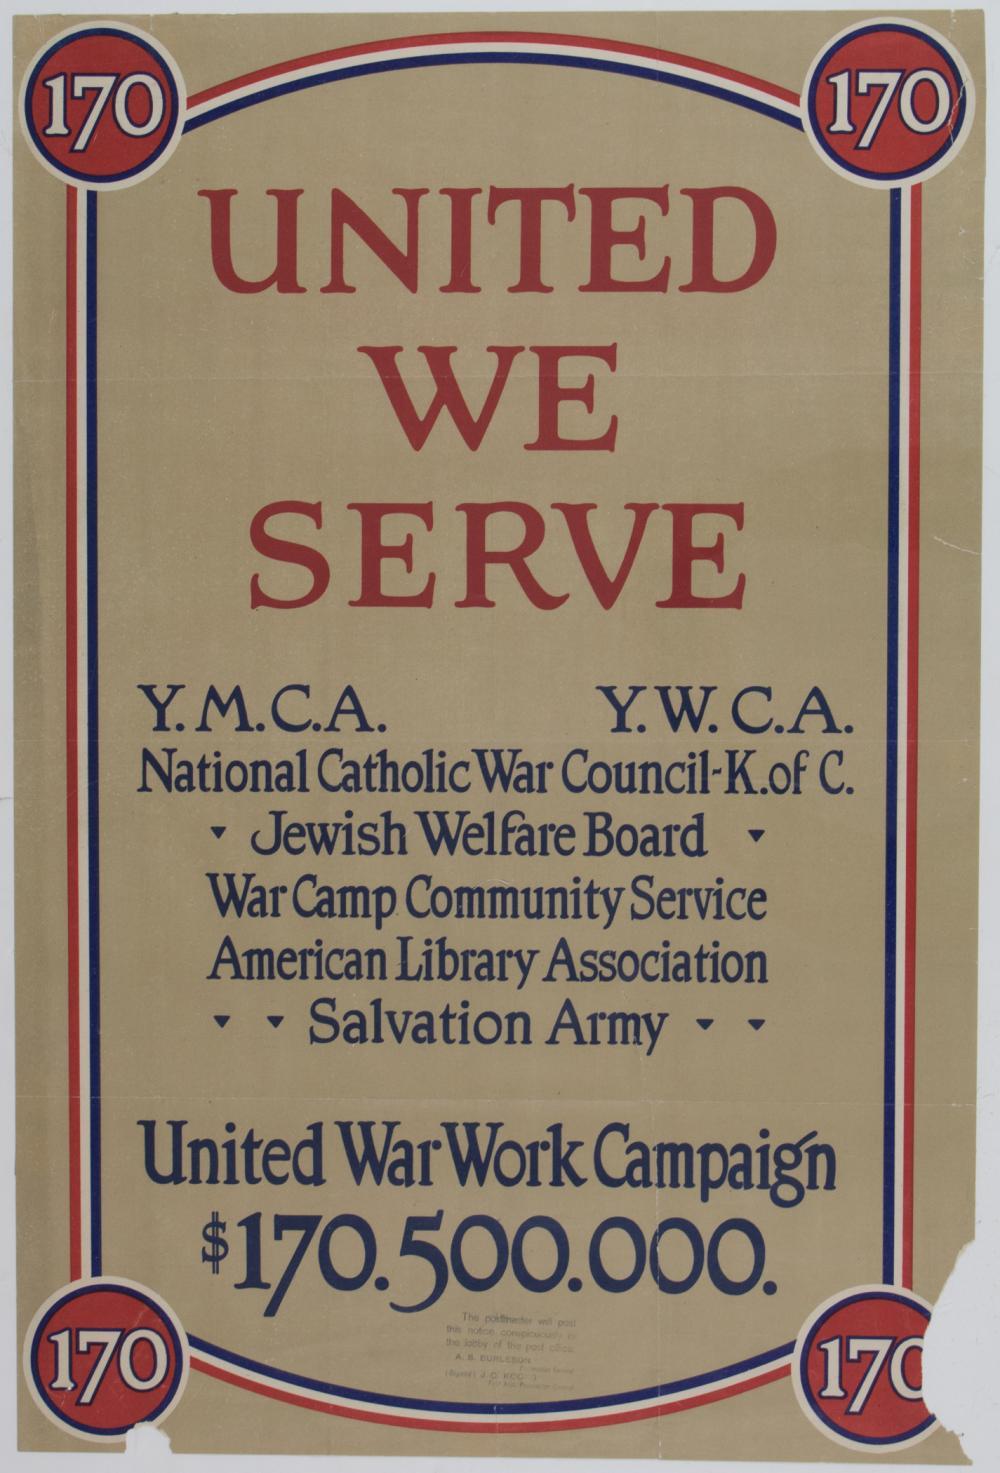 WORLD WAR I WAR BOND POSTERS (4)